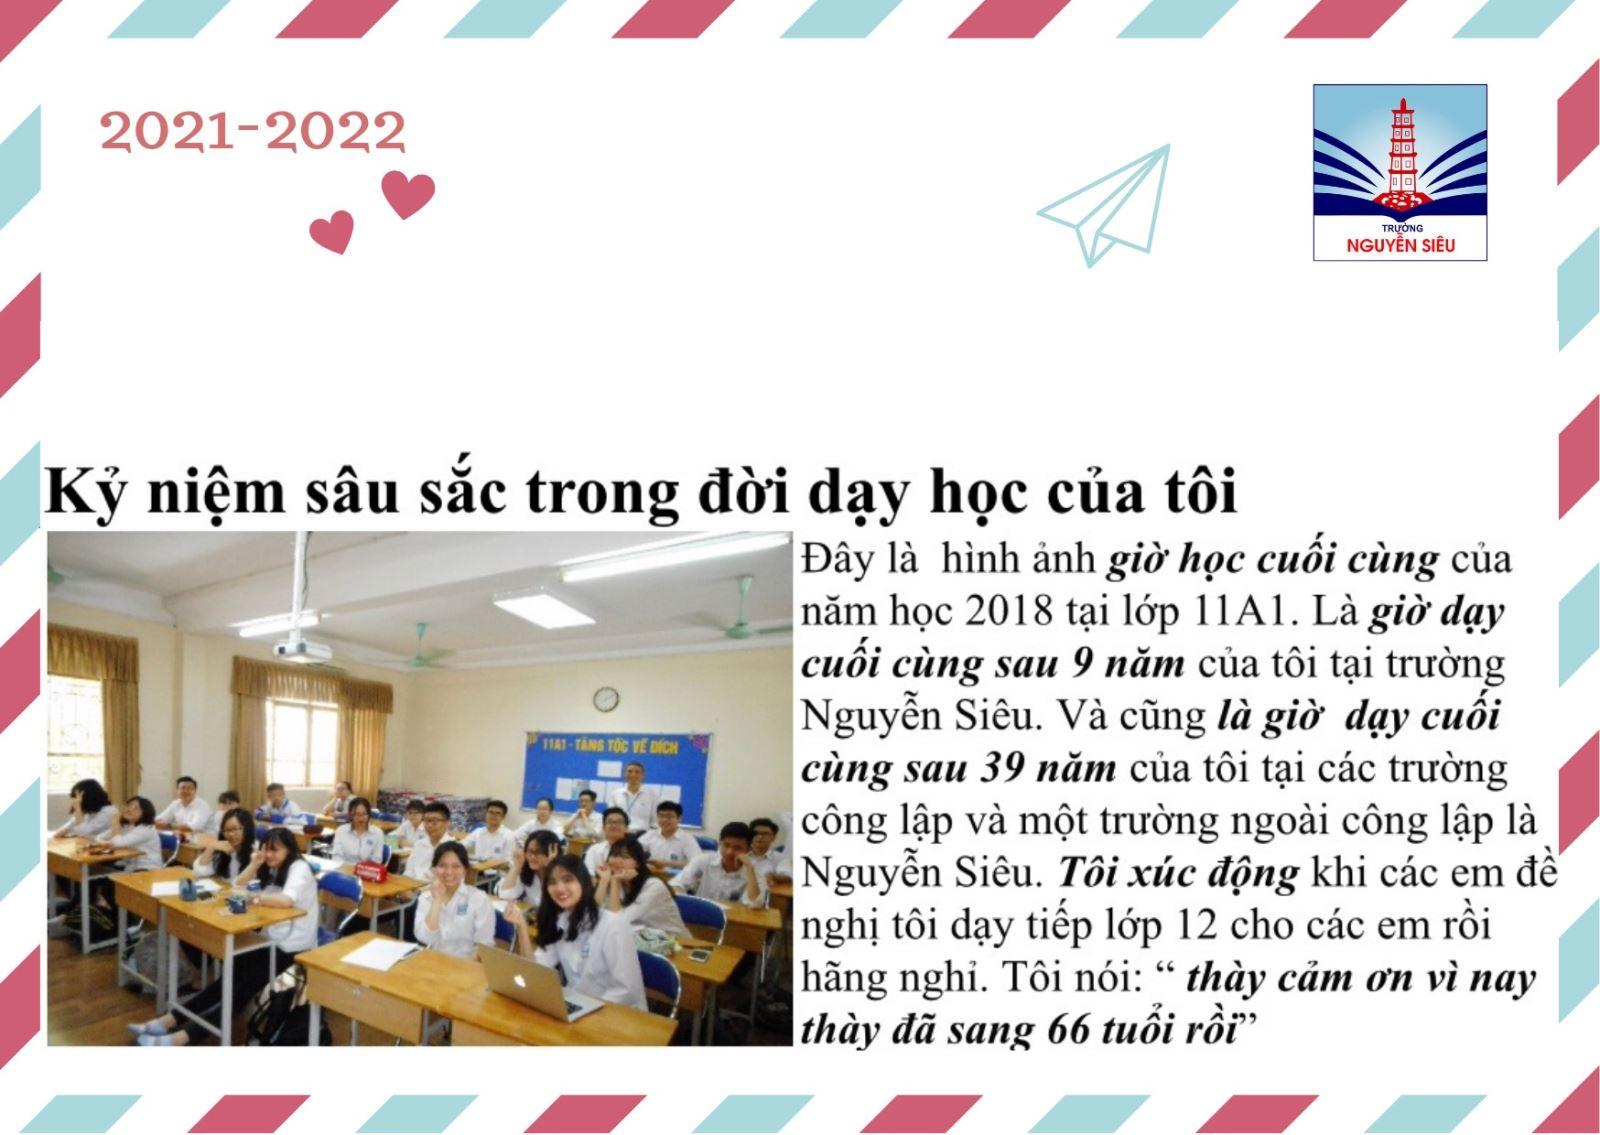 Tri ân mái trường Nguyễn Siêu